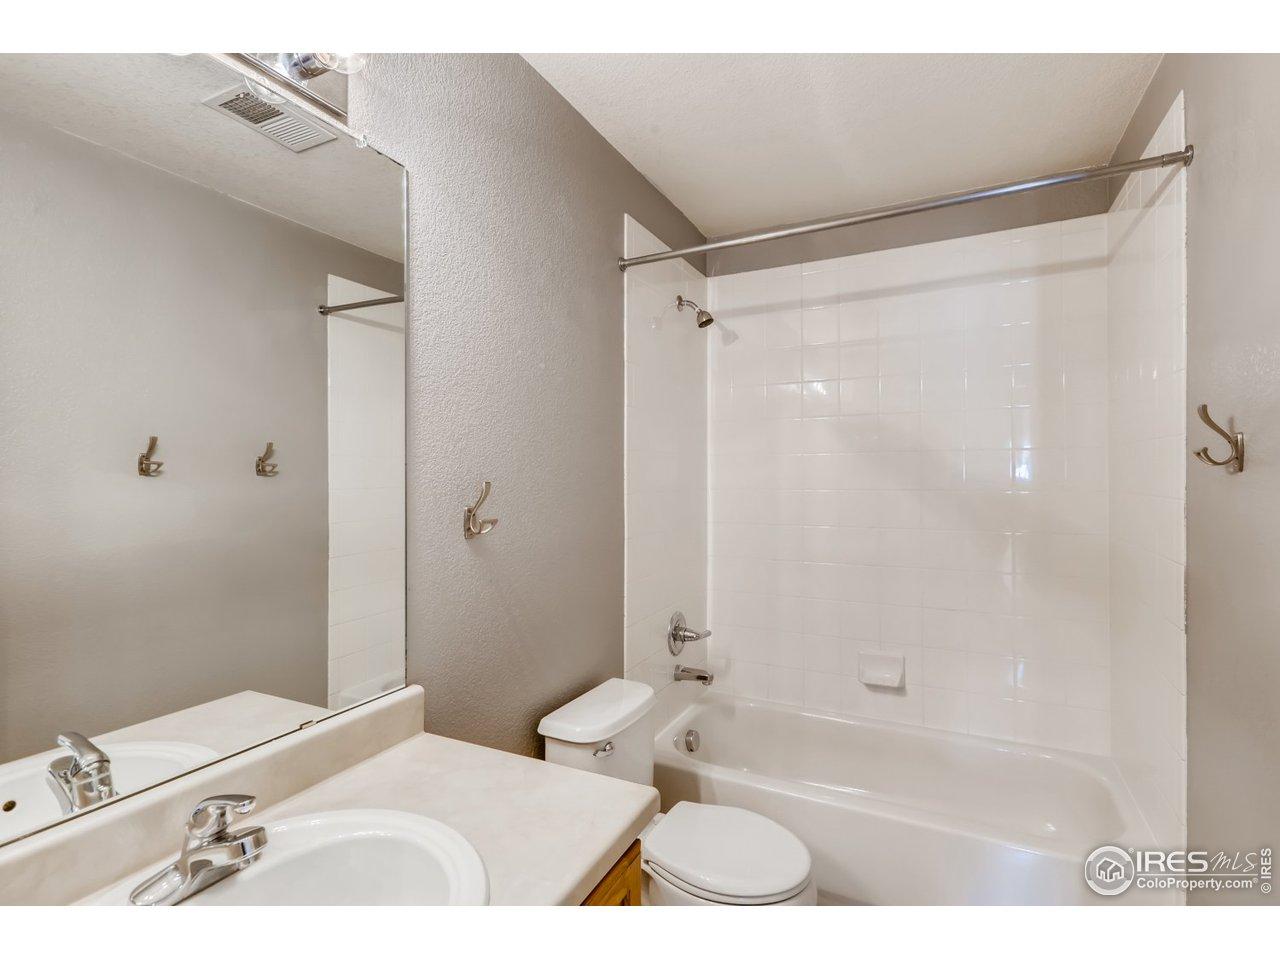 Full hallway bath